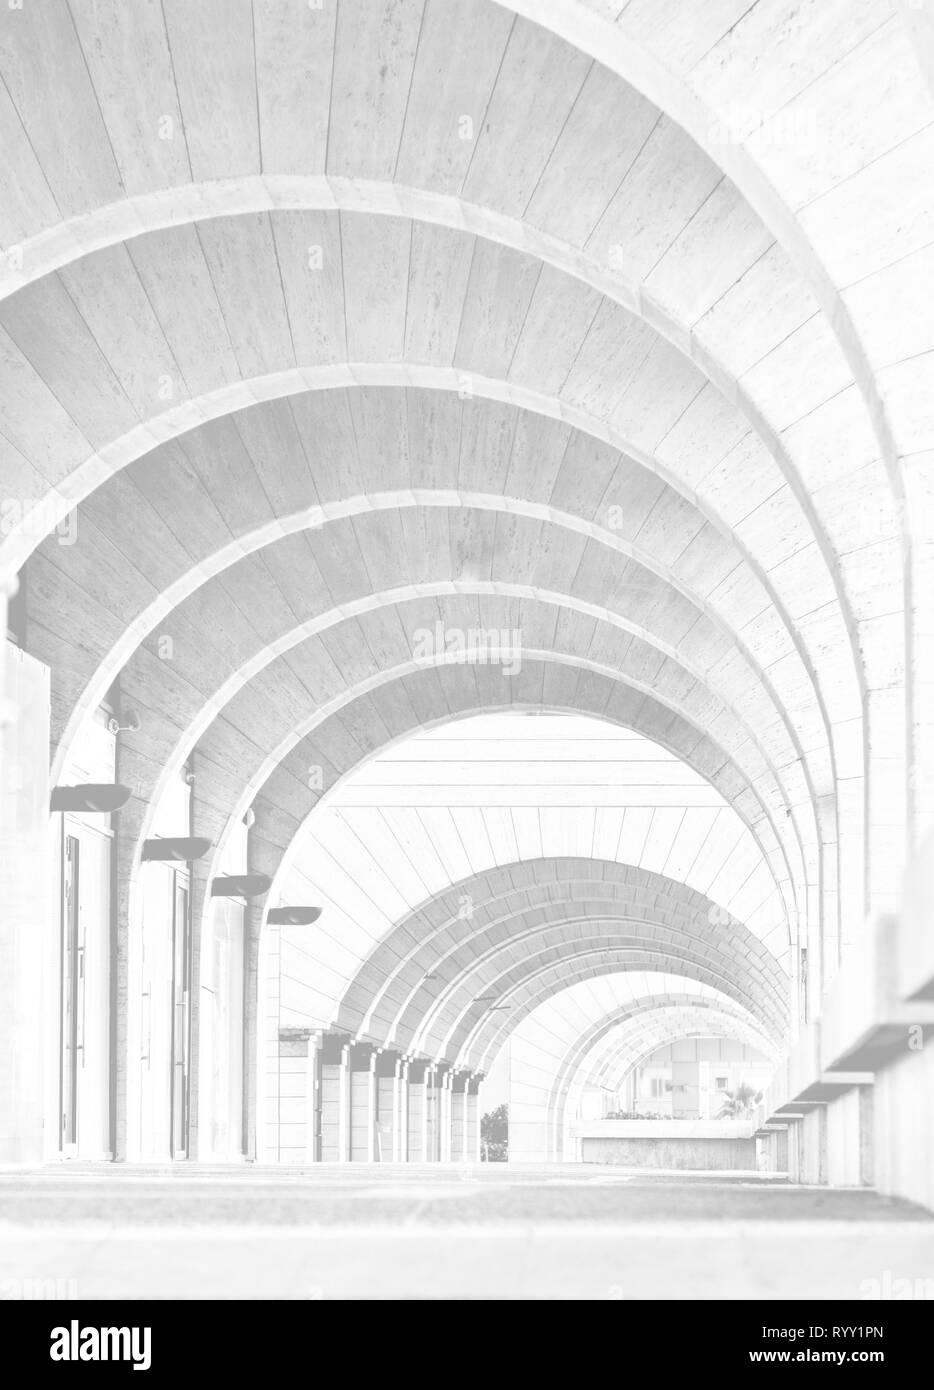 Tel Aviv, Israele - 28 Aprile 2018: architettura contemporanea: Archway Arcade edificio moderno,Architecture Photography Foto Stock